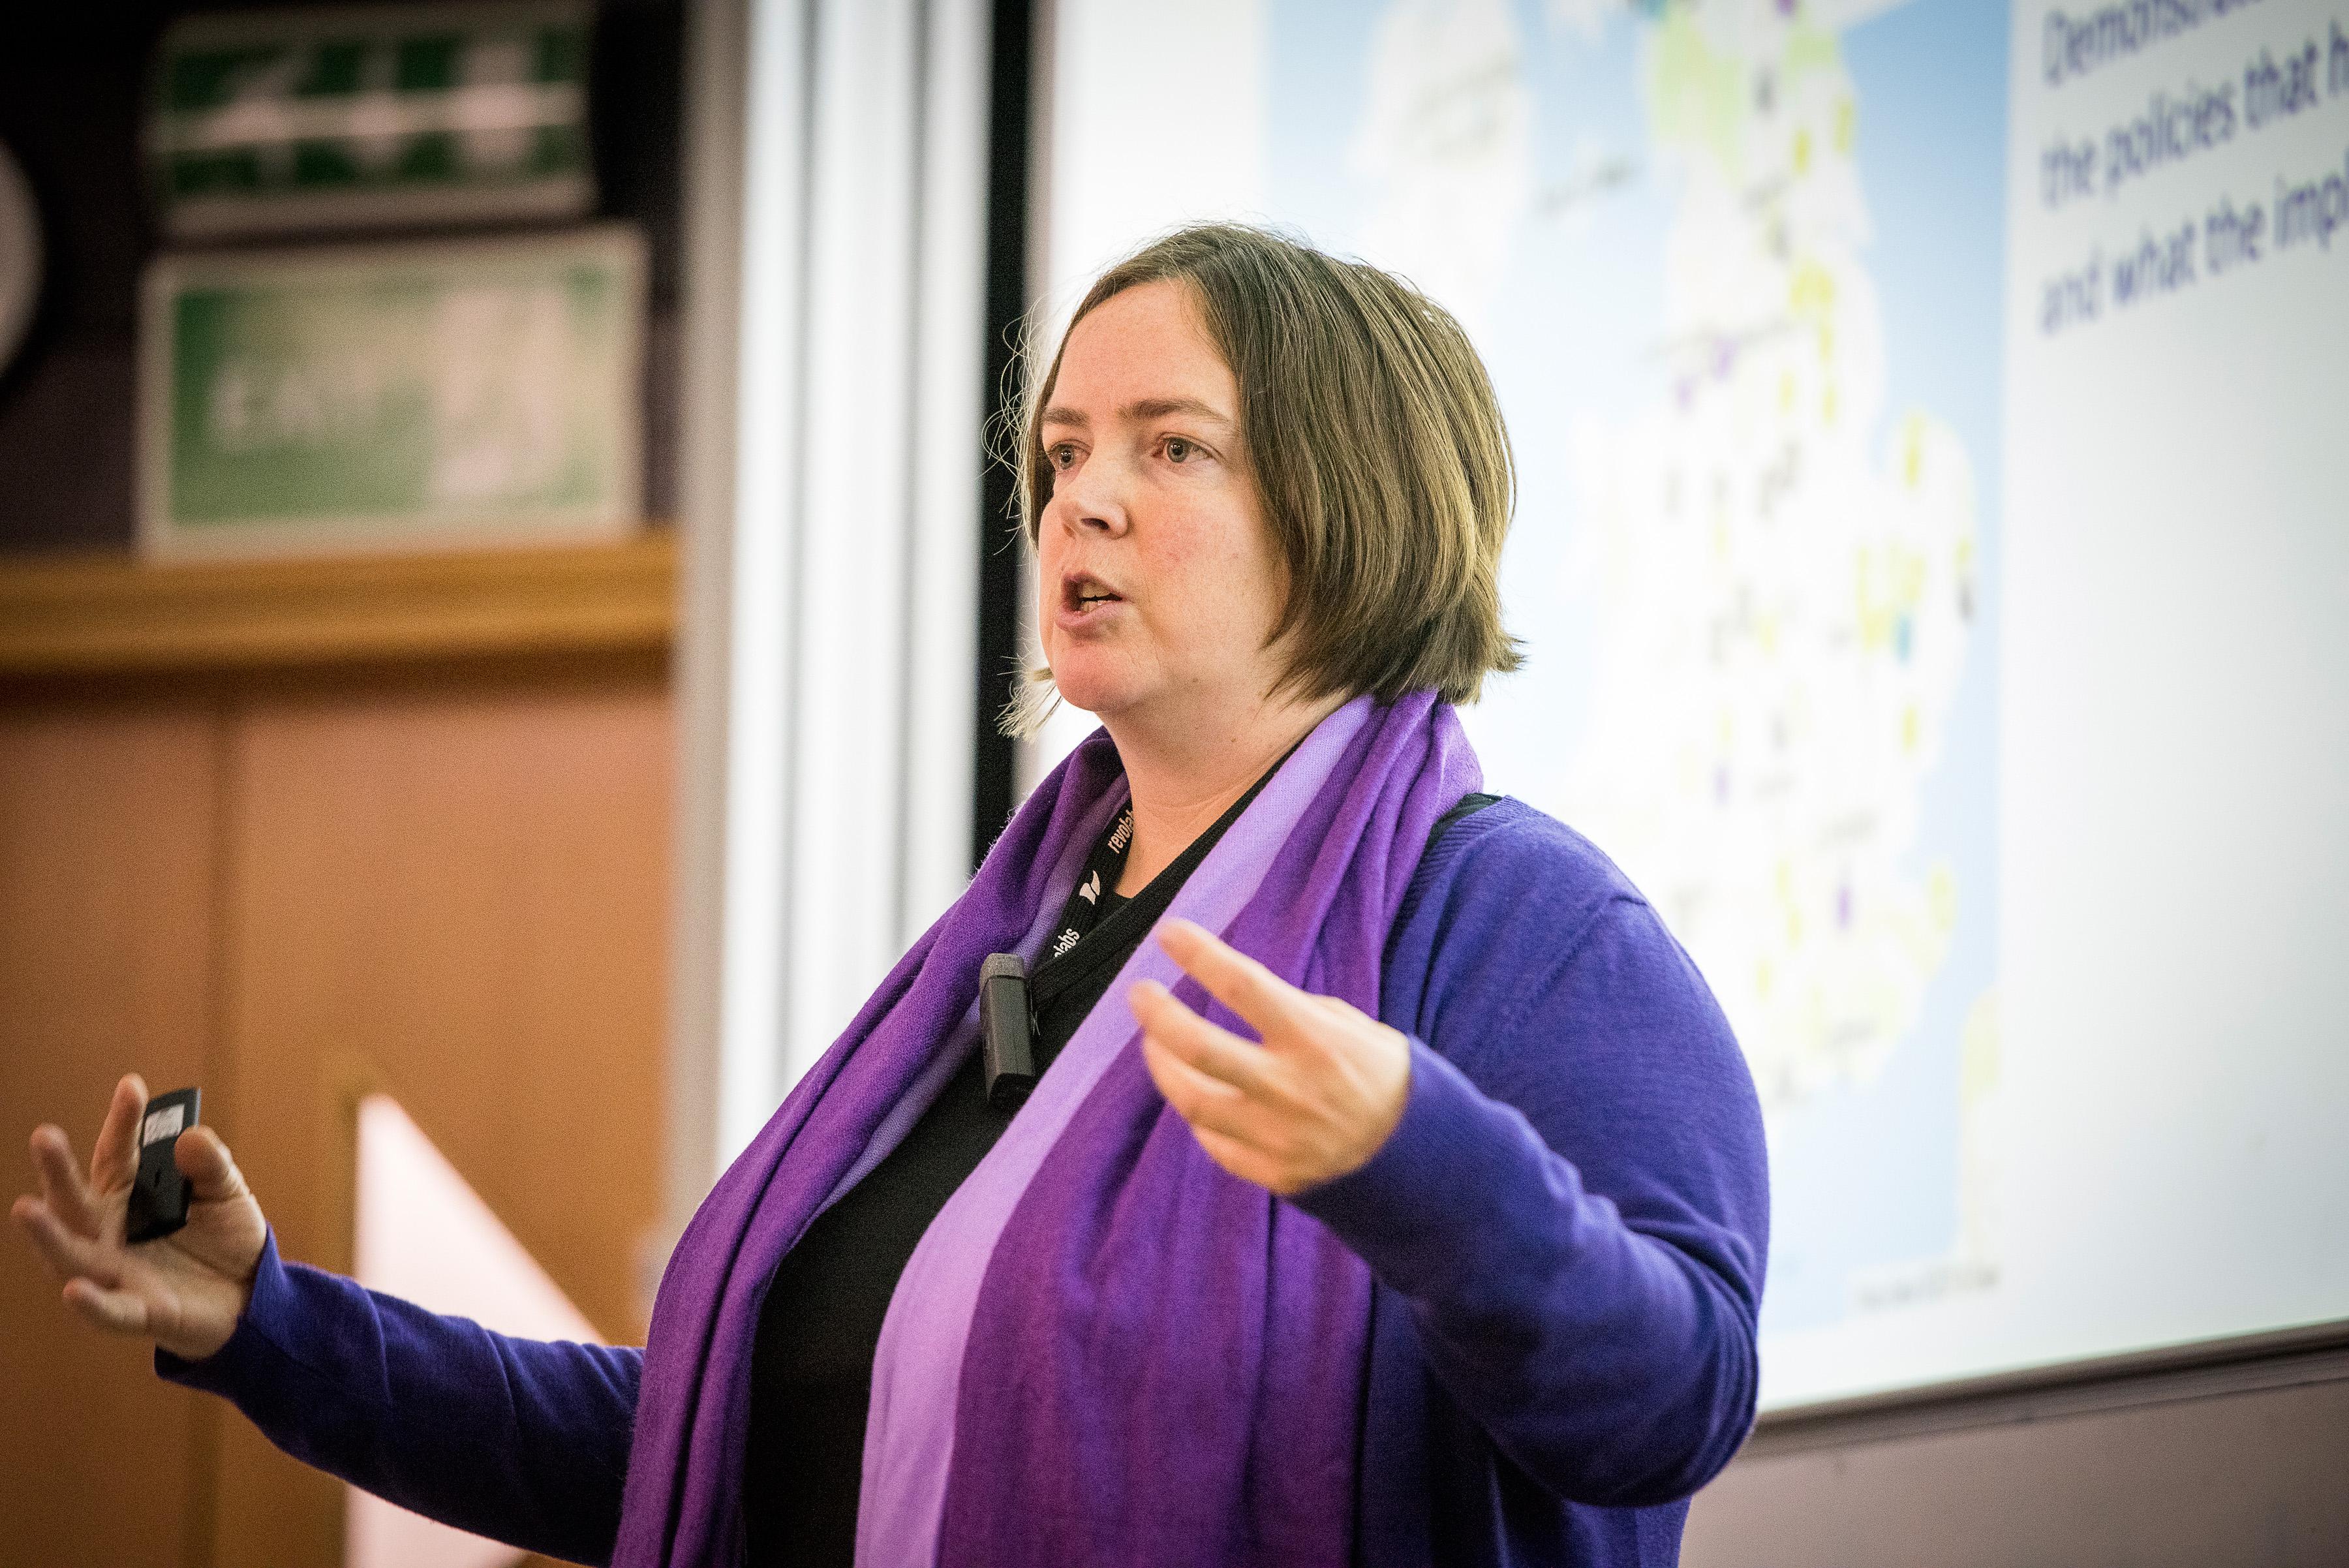 Michelle McManus delivering a lecture